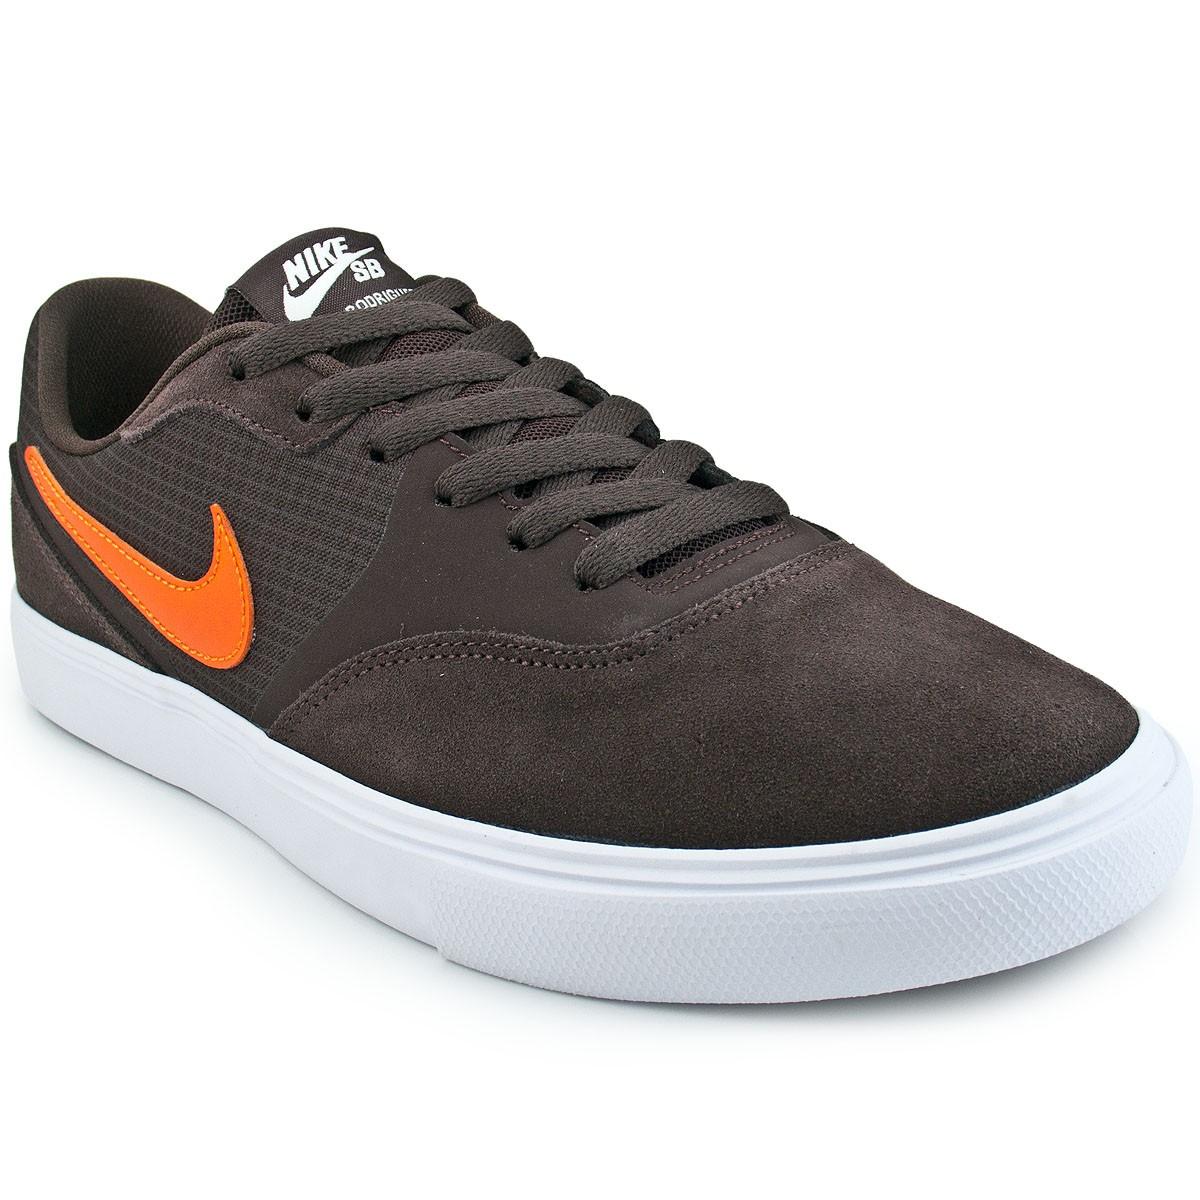 26e20da4cd9 Tênis Nike Paul Rodriguez 9 VR 819844